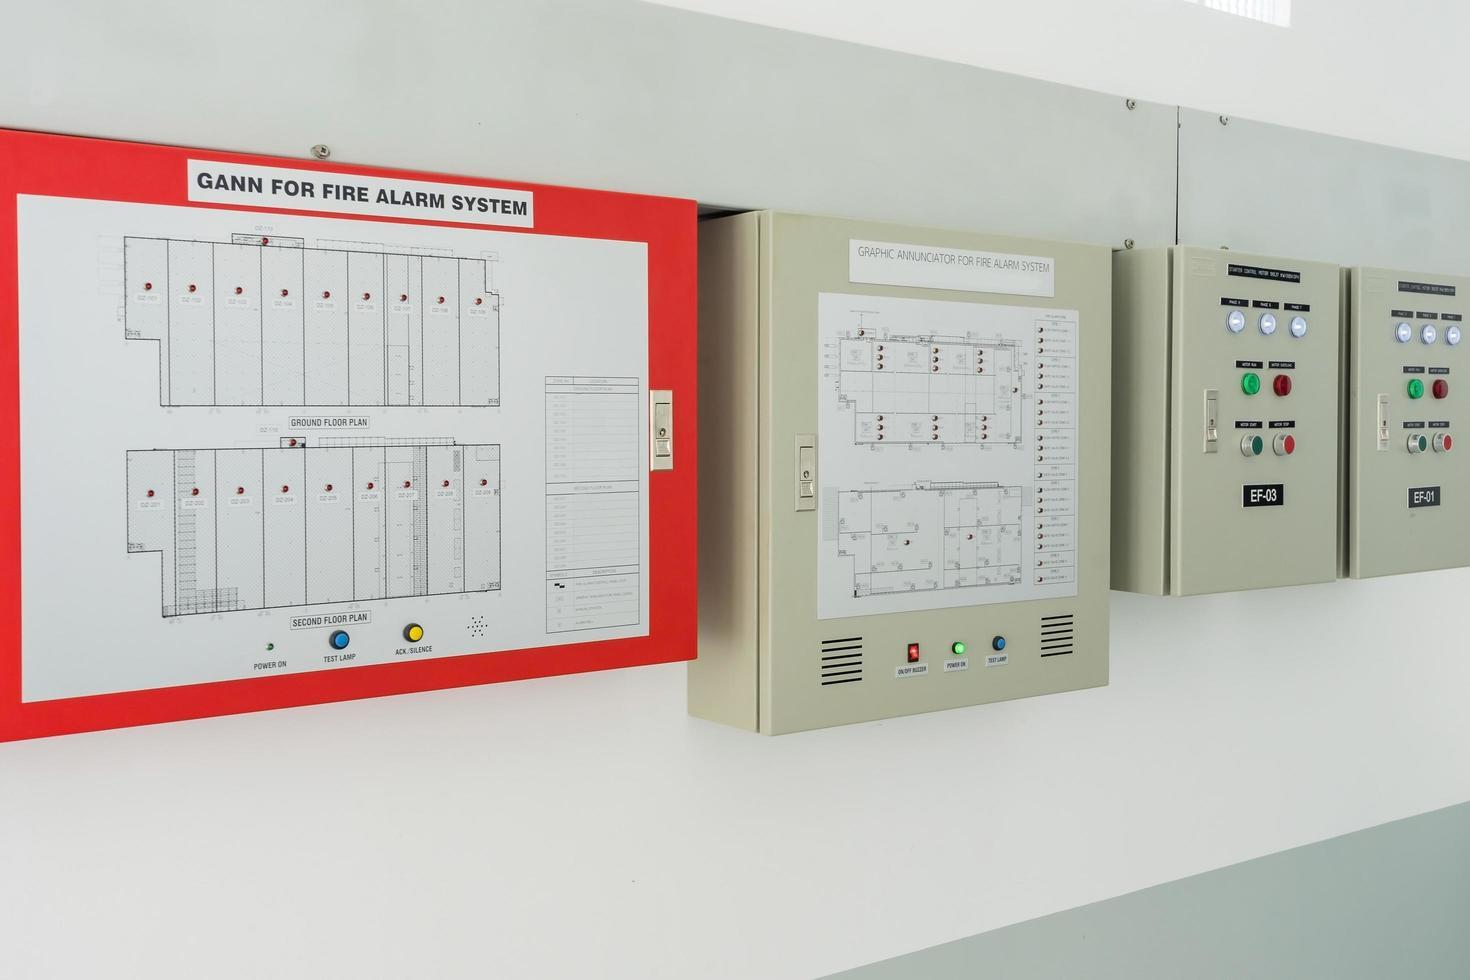 sistema di controllo antincendio industriale foto